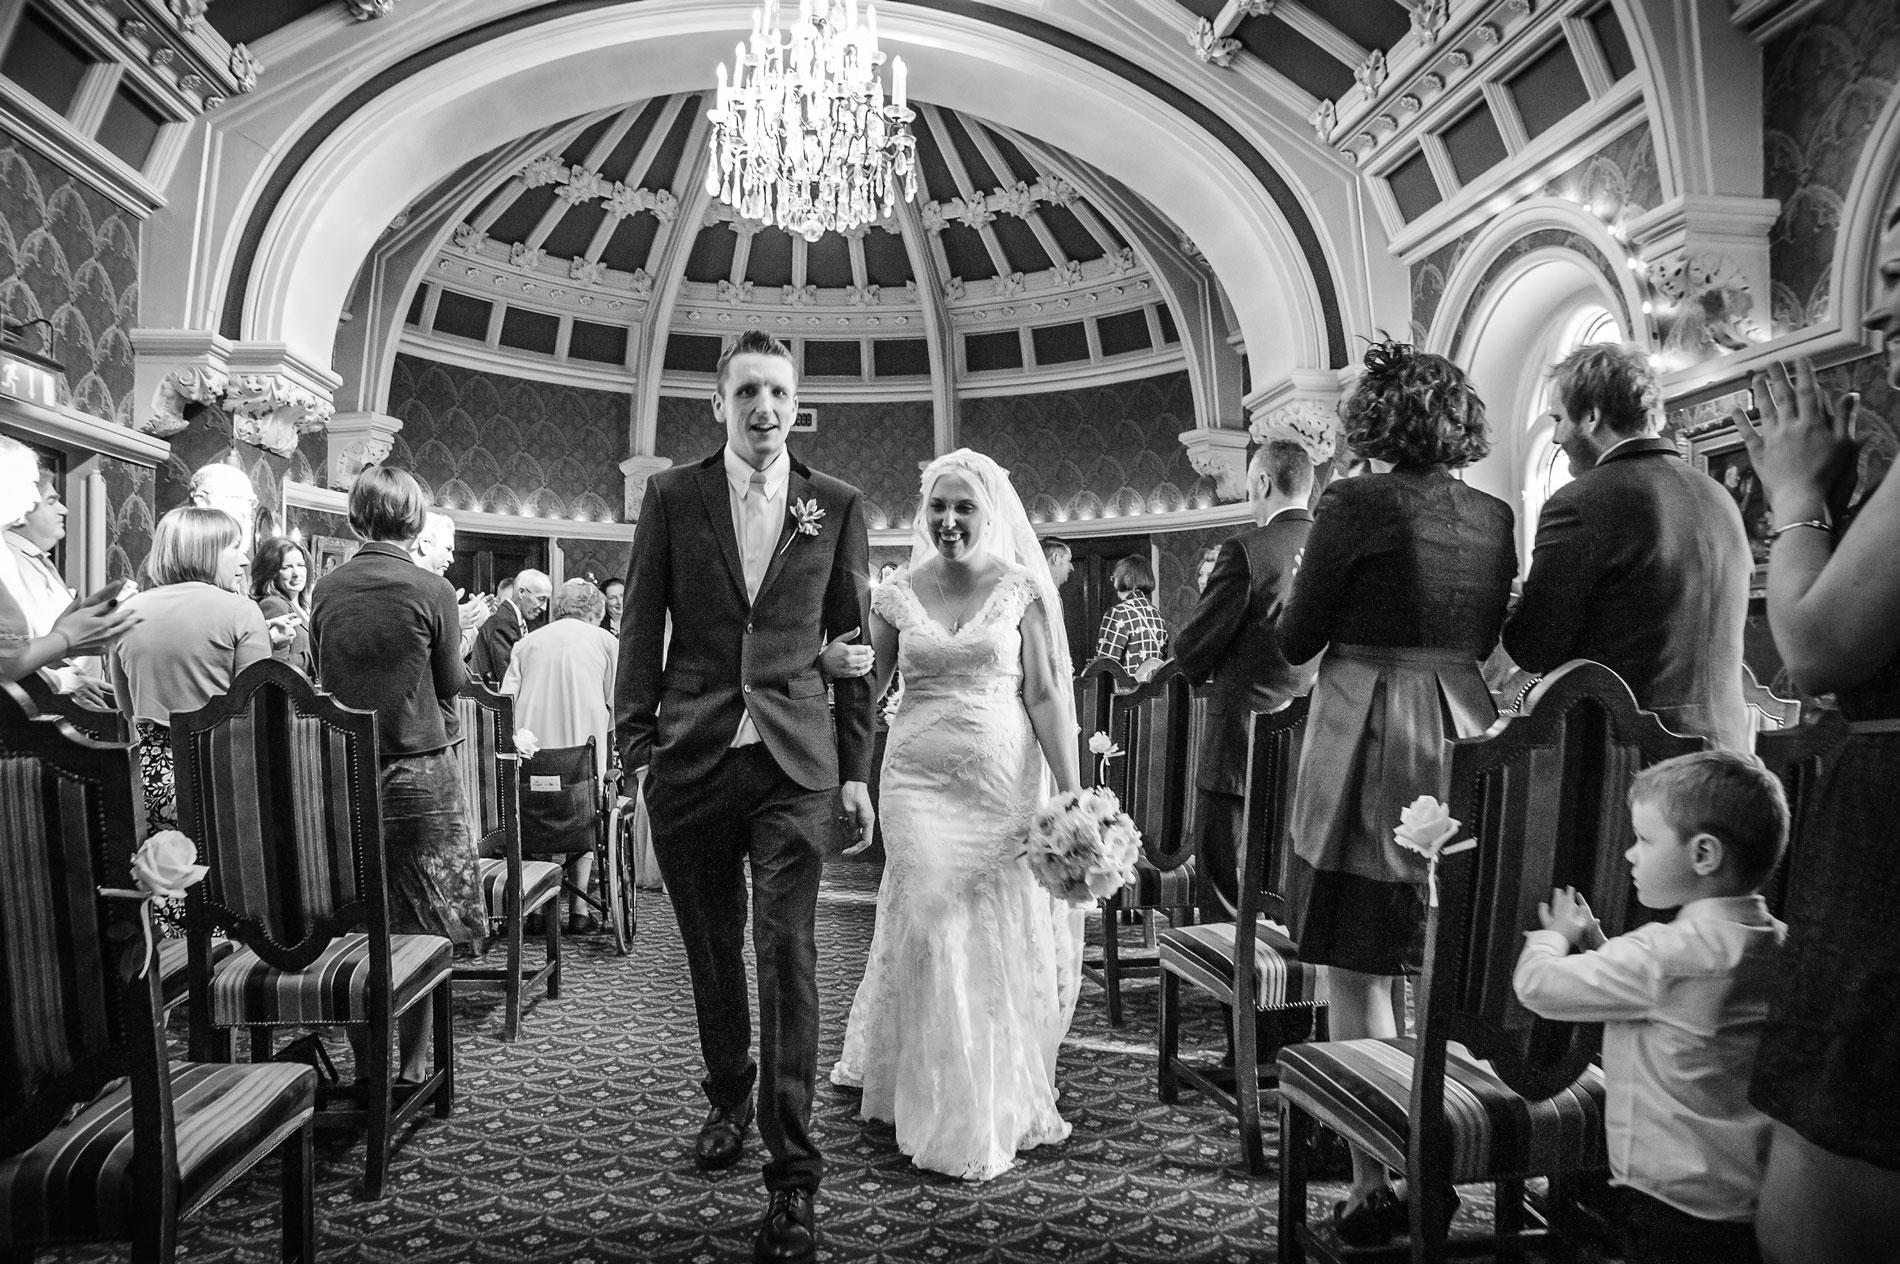 Kilworth-weddings-_28.jpg